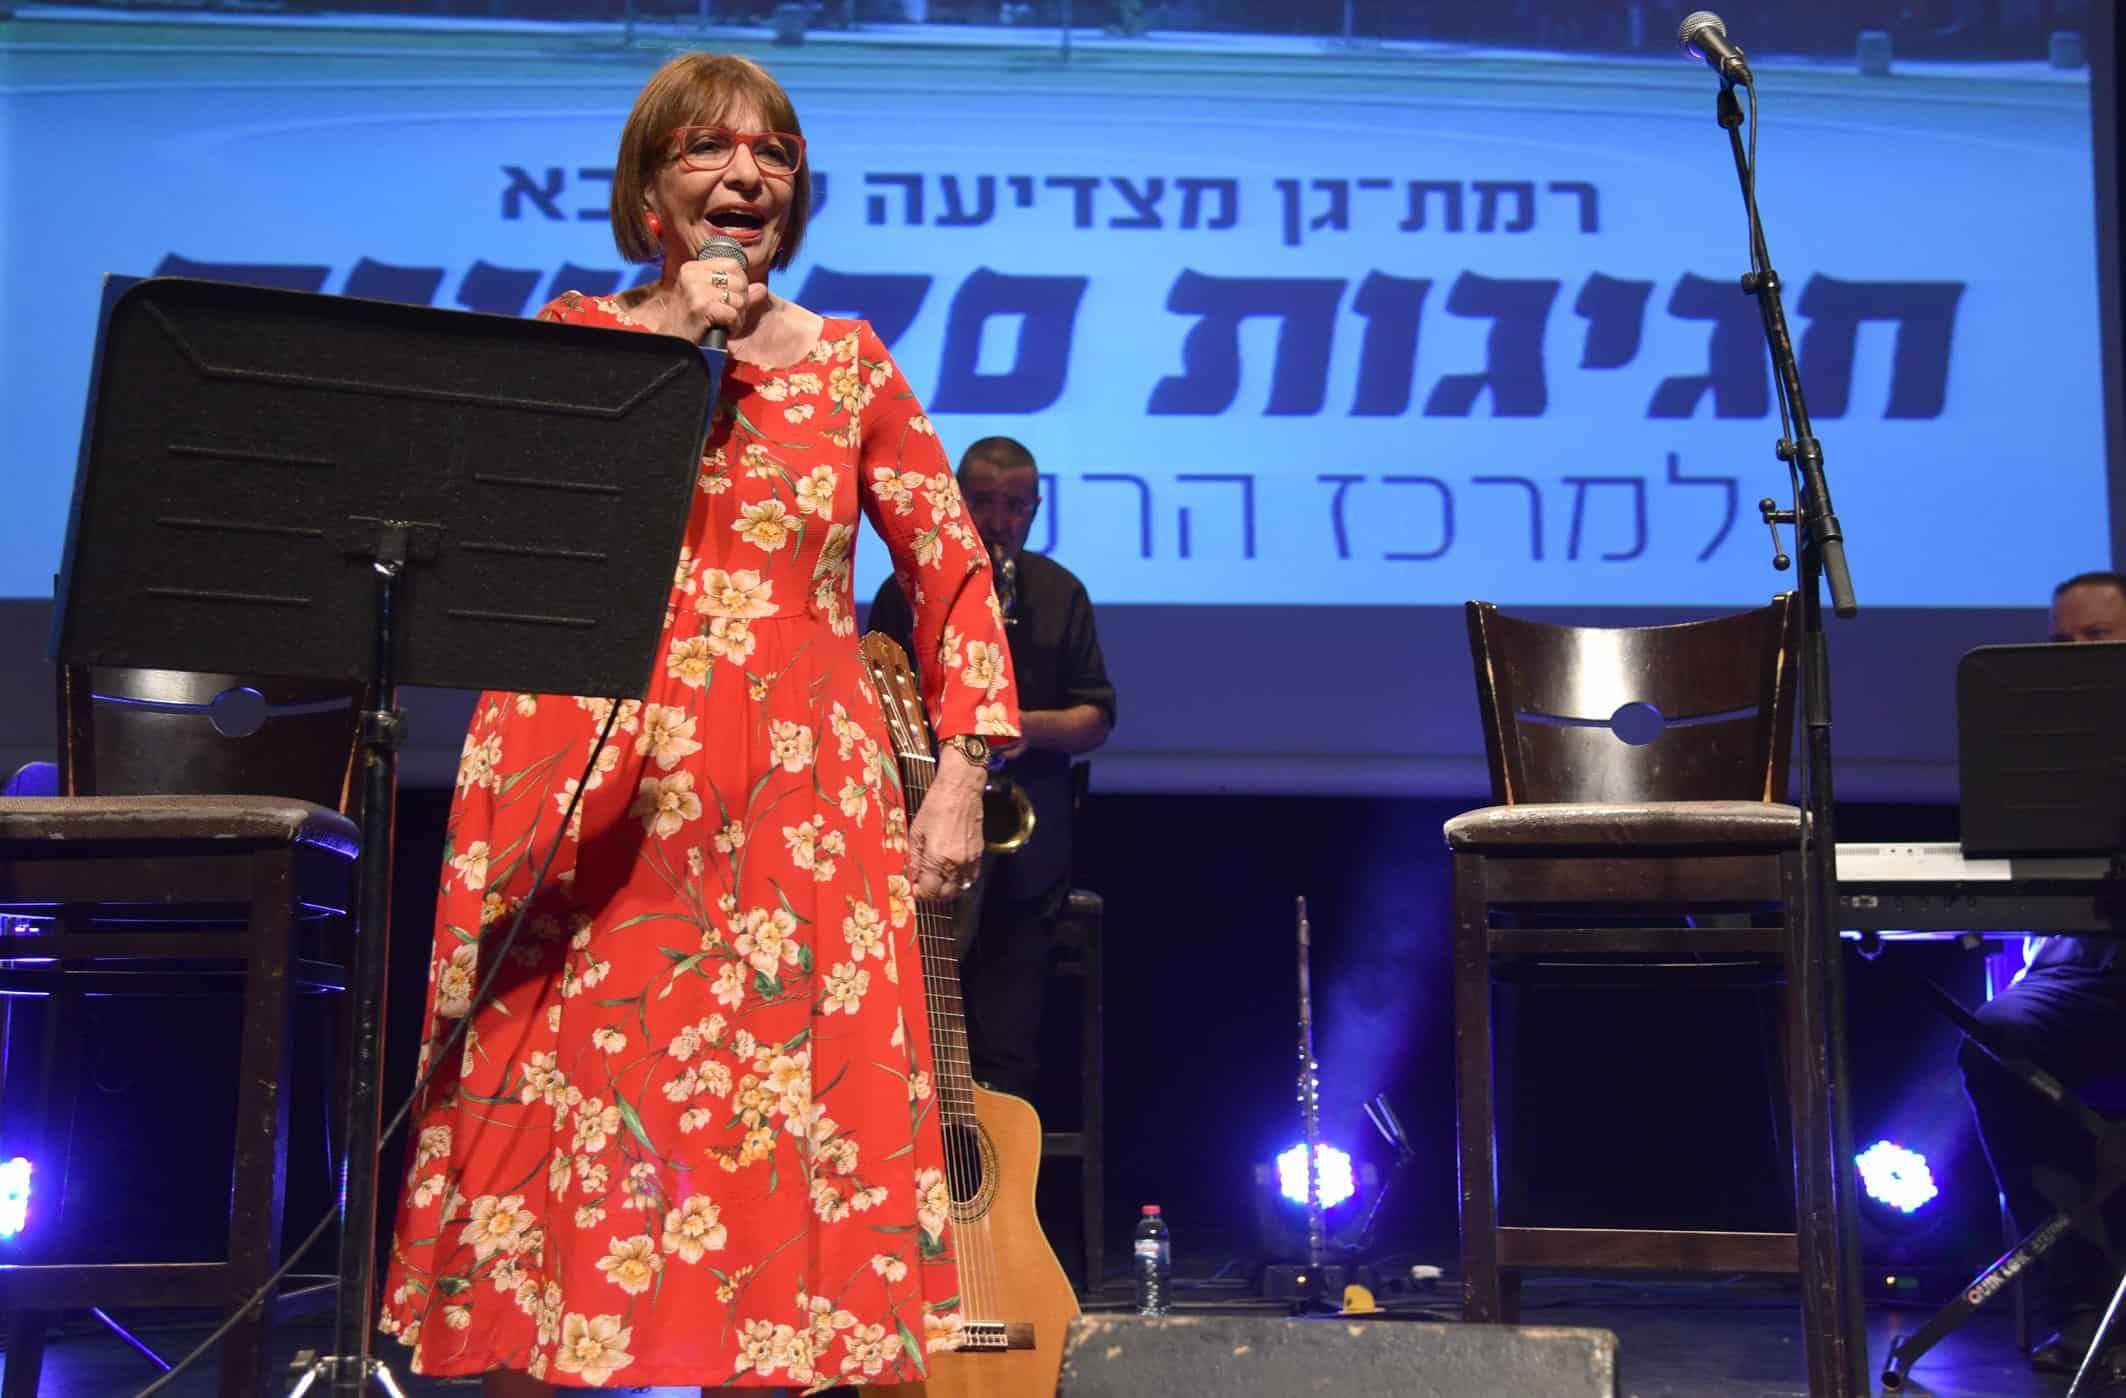 רבקה מיכאלי באירוע חגיגות ה-70 לשיבא, צילום: באדיבות דוברות עיריית רמת גן